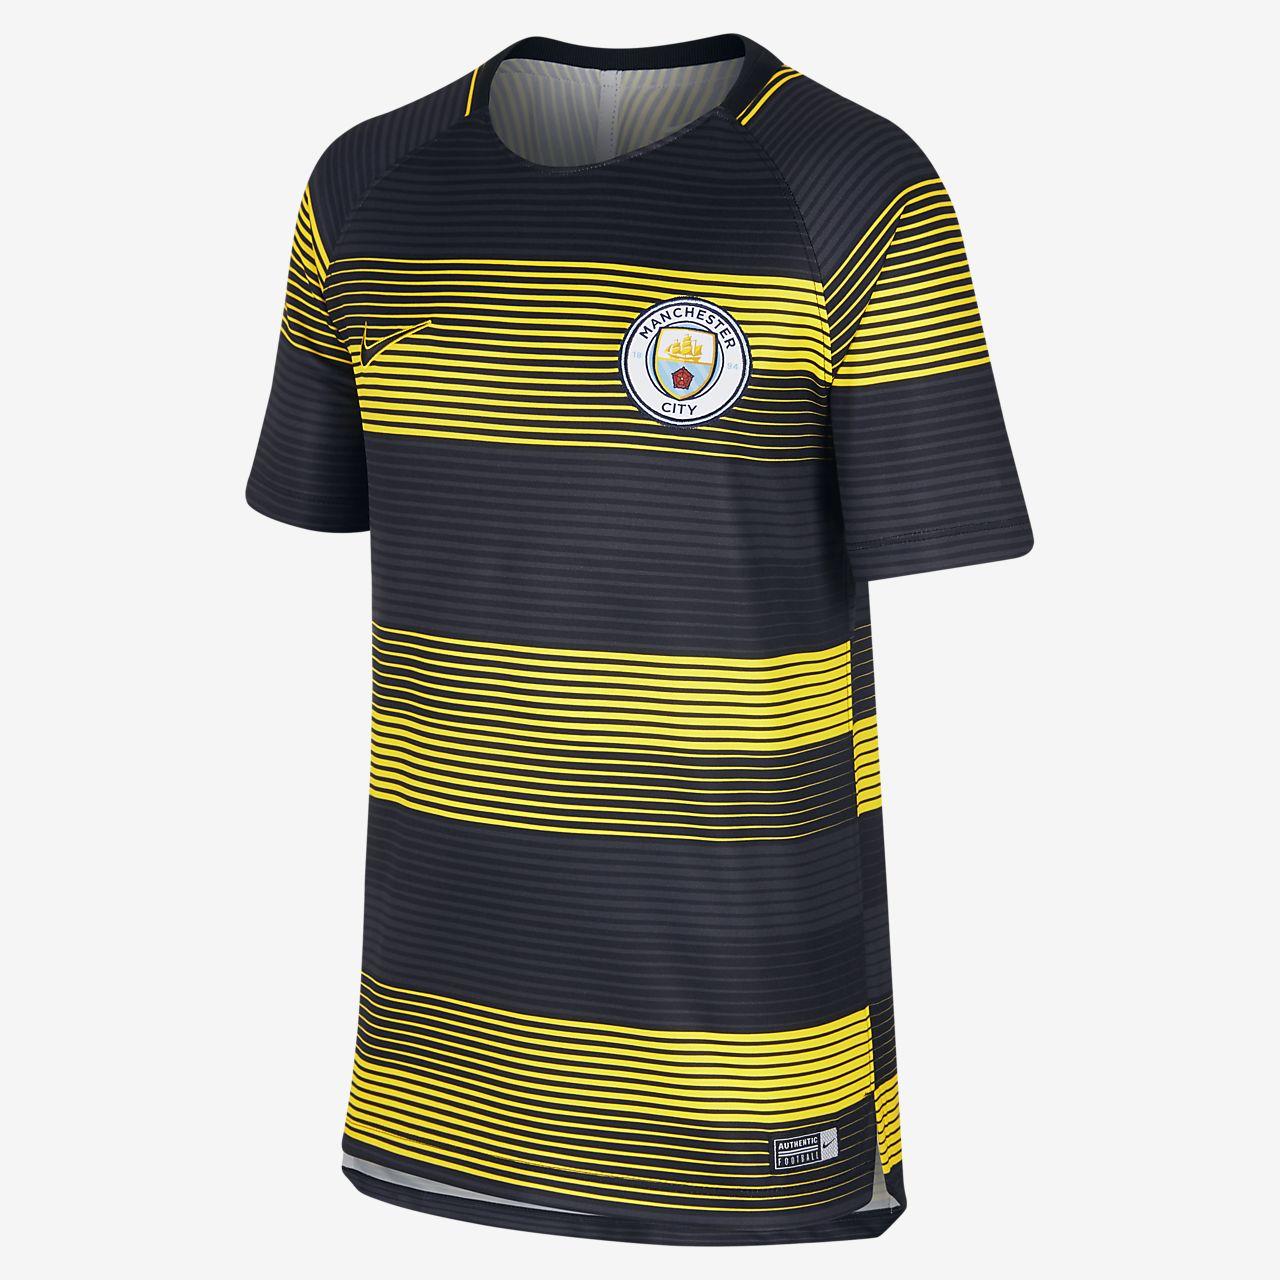 Nike Dri-FIT Manchester City Squad rövid ujjú mintás futballfelső nagyobb gyerekeknek